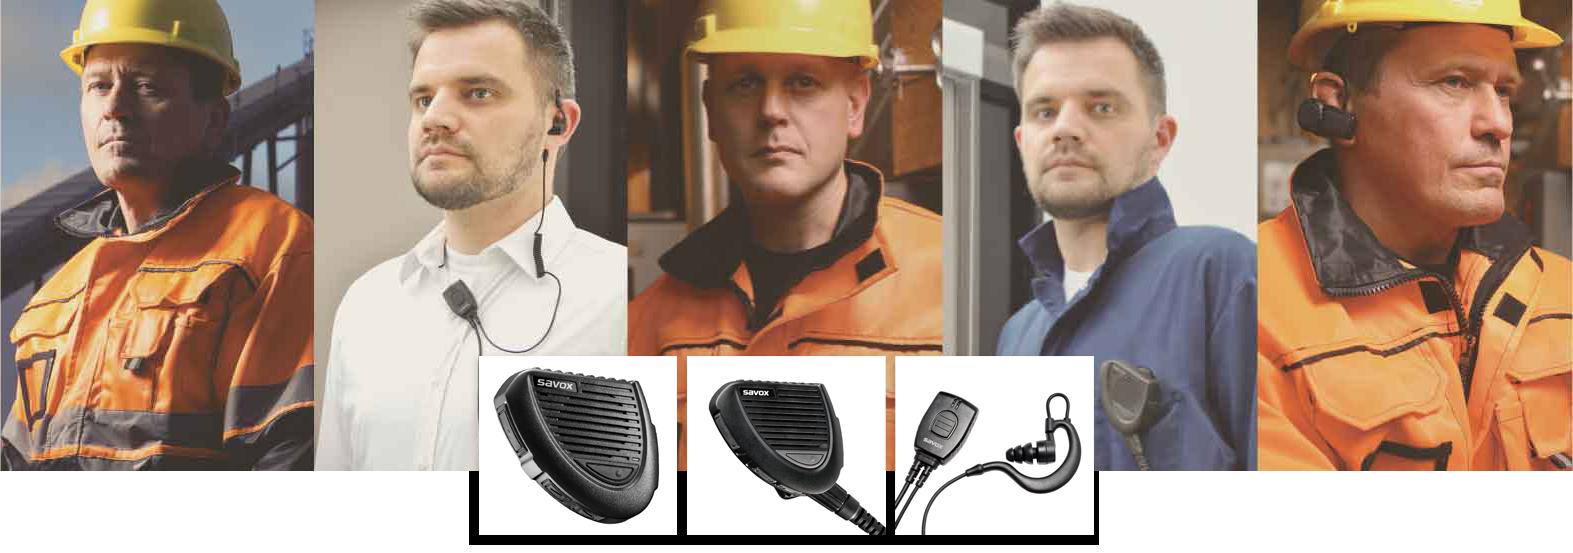 スマホで利用できる防水防塵対応の高耐久スピーカーマイク、ヘッドセット